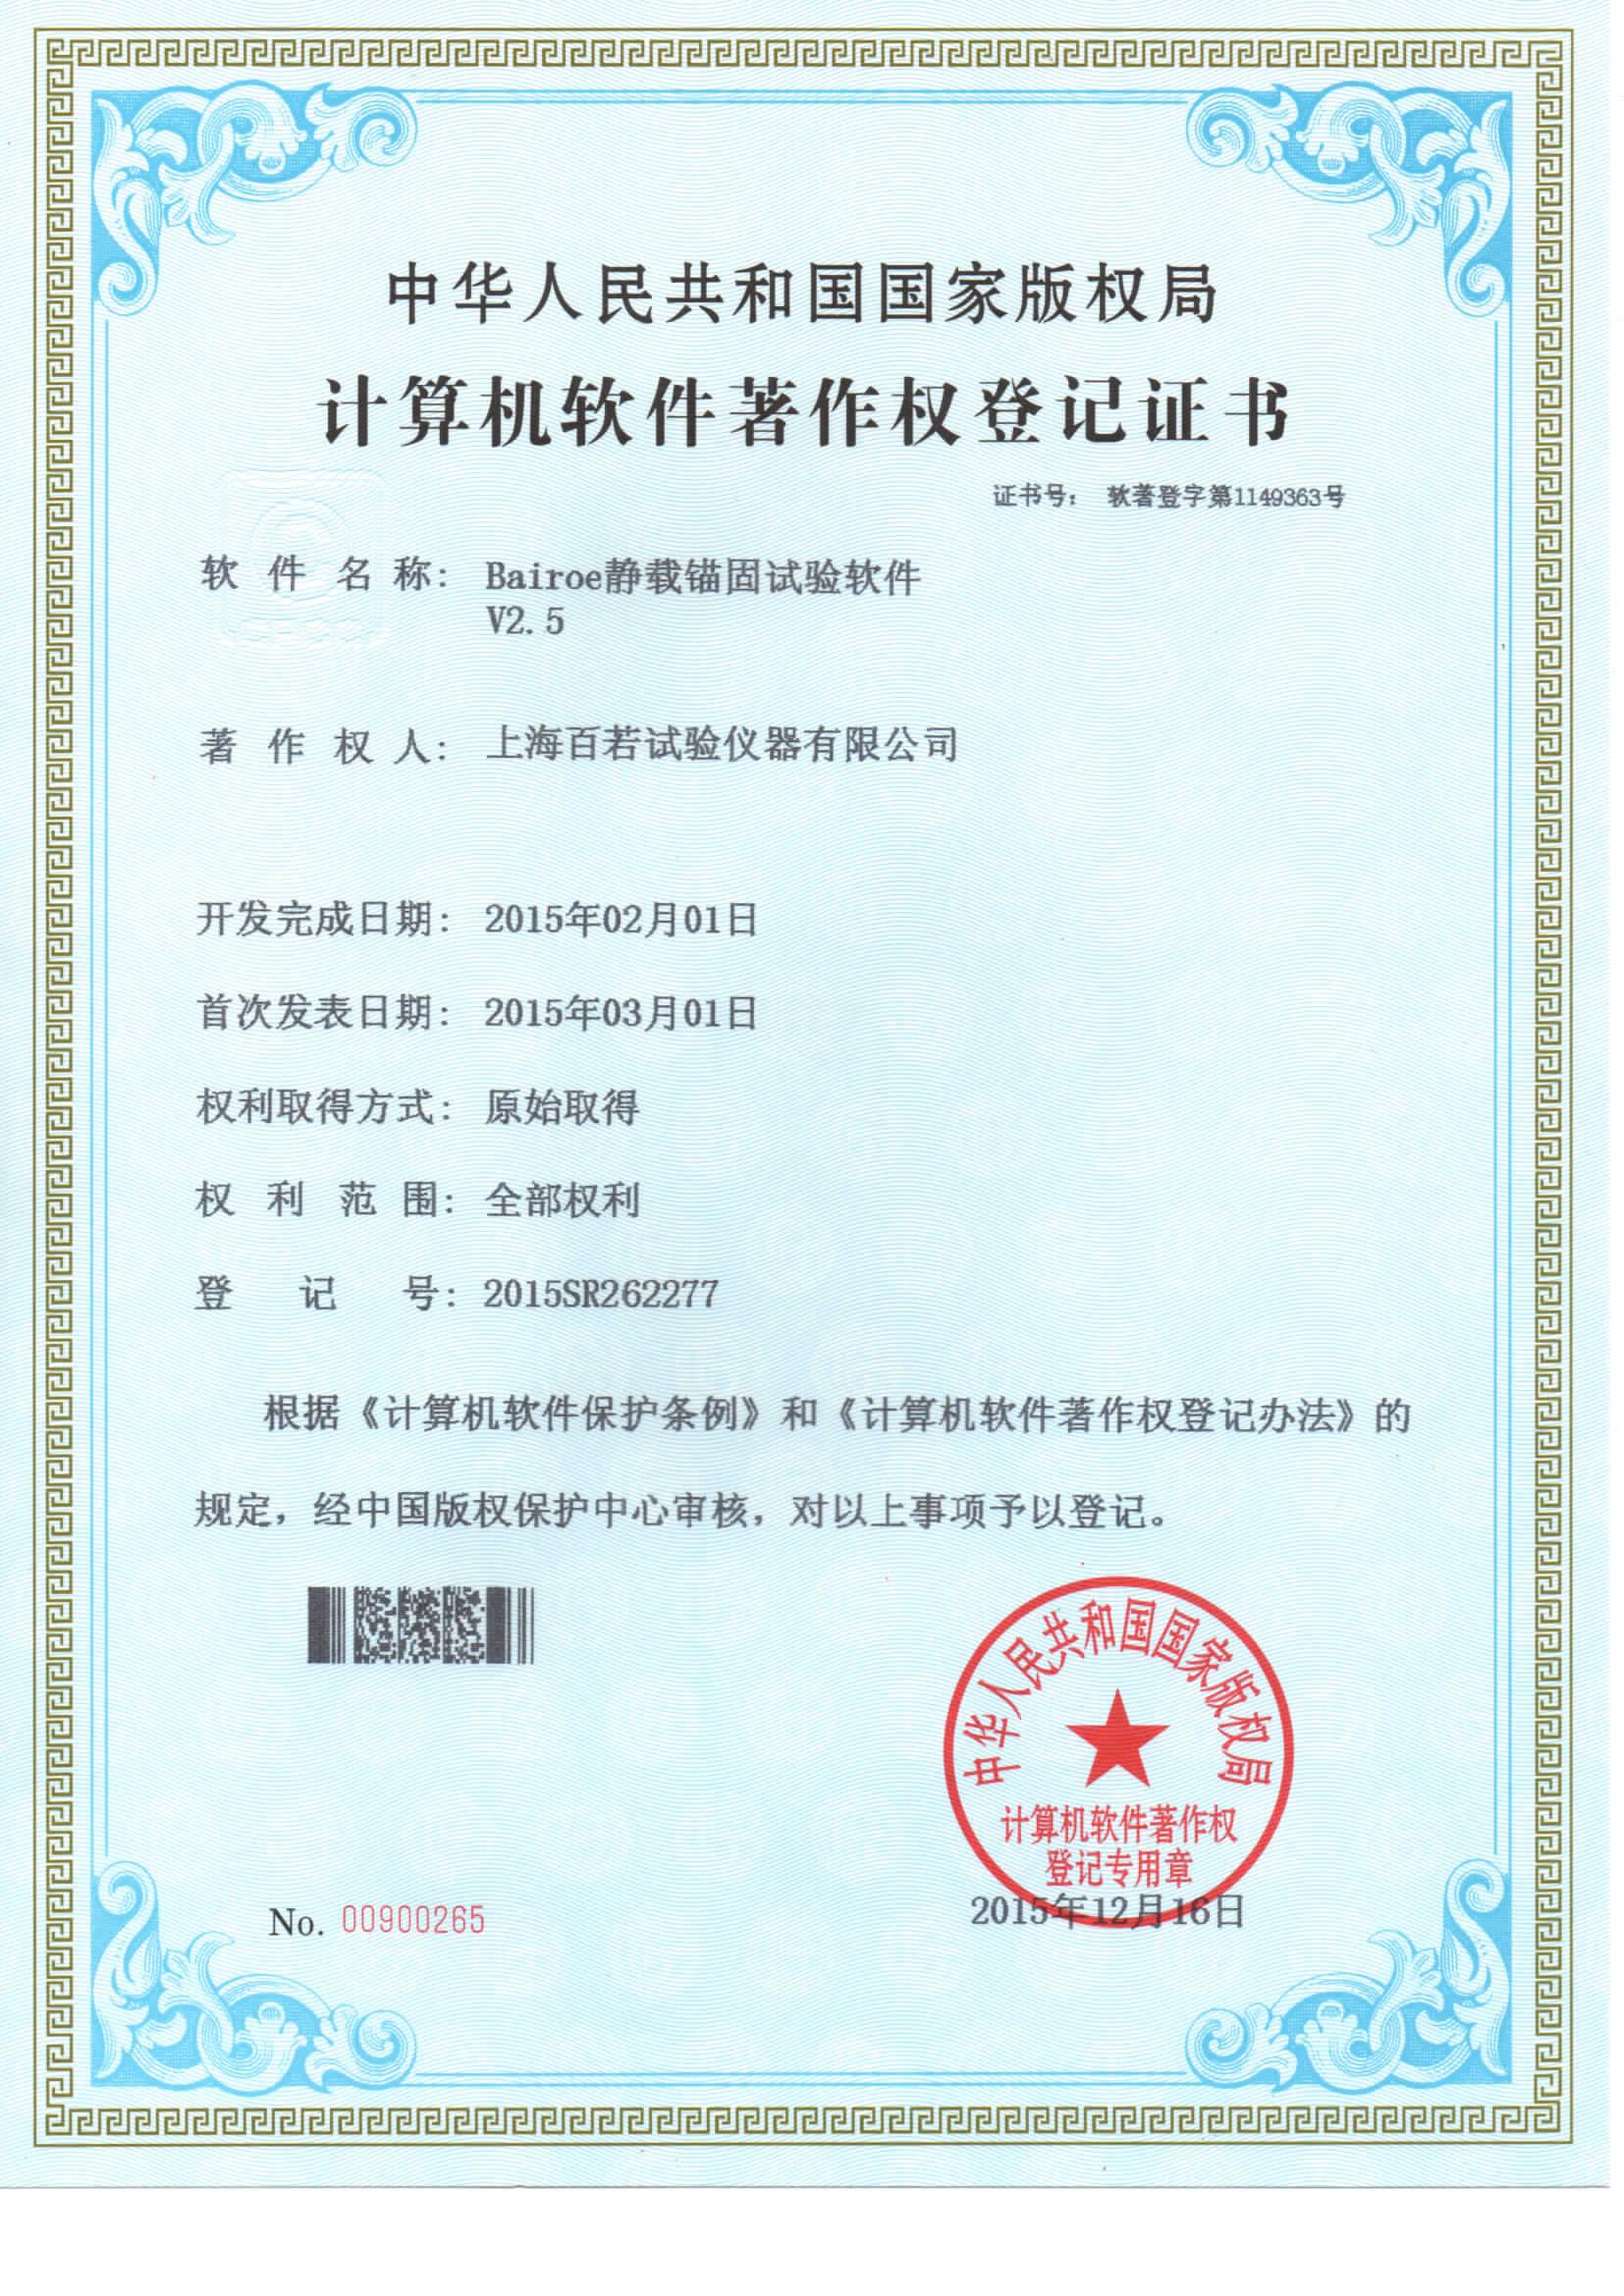 静载锚固-计算机软件著作权登记证书